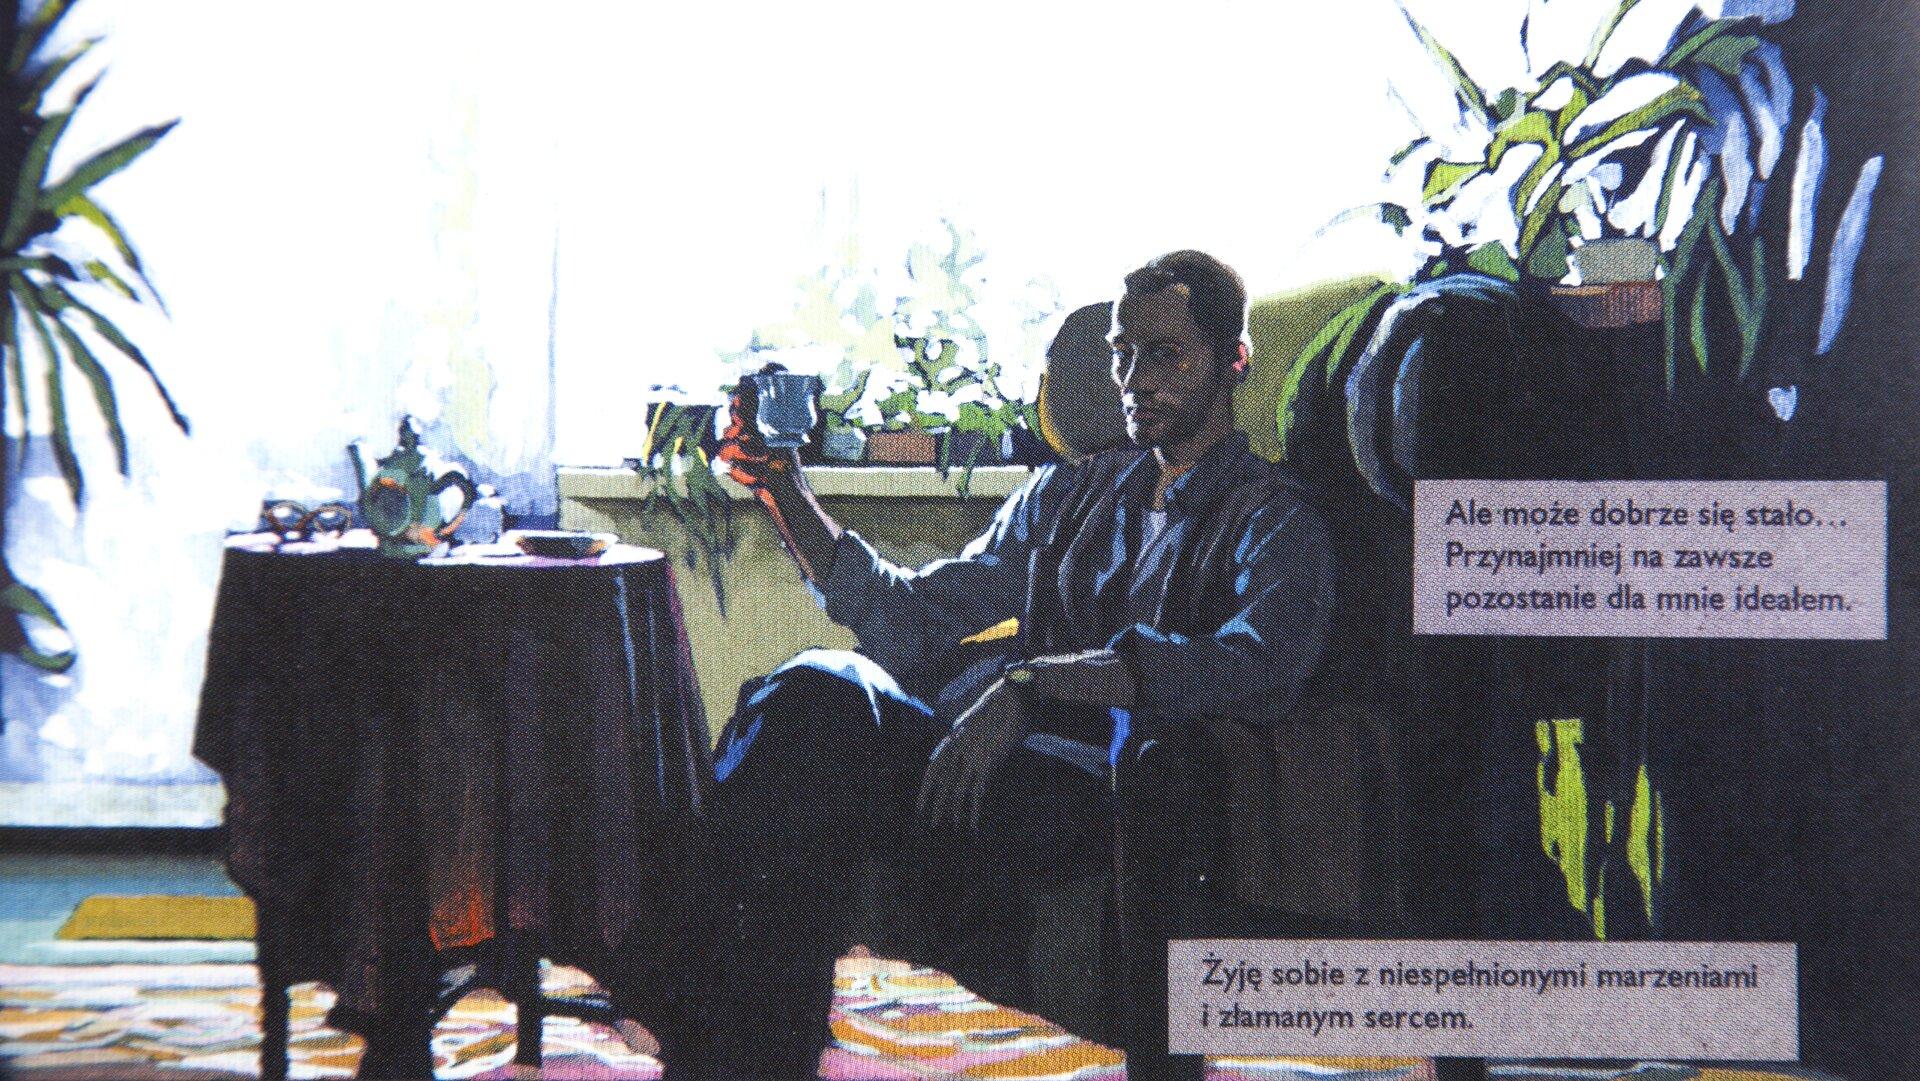 """Ilustracja przedstawia prace Piotra Kani do komiksu Jacka Waliszewskiego """"On, obraz, ona"""". Ukazuje siedzącego wfotelu mężczyznę, który wręku trzyma filiżankę. Za nim, na parapecie, stoją kwiaty. Przed nim znajduje się mały, okrągły stolik nakryty obrusem. Na nim stoją naczynia. Po prawej stronie znajdują się dwa prostokąty, na których zamieszczone są teksty: """"Żyję sobie zniespełnionymi marzeniami izłamanym sercem."""" i"""" Ale może dobrze się stało... Przynajmniej na zawsze pozostanie dla mnie ideałem."""""""